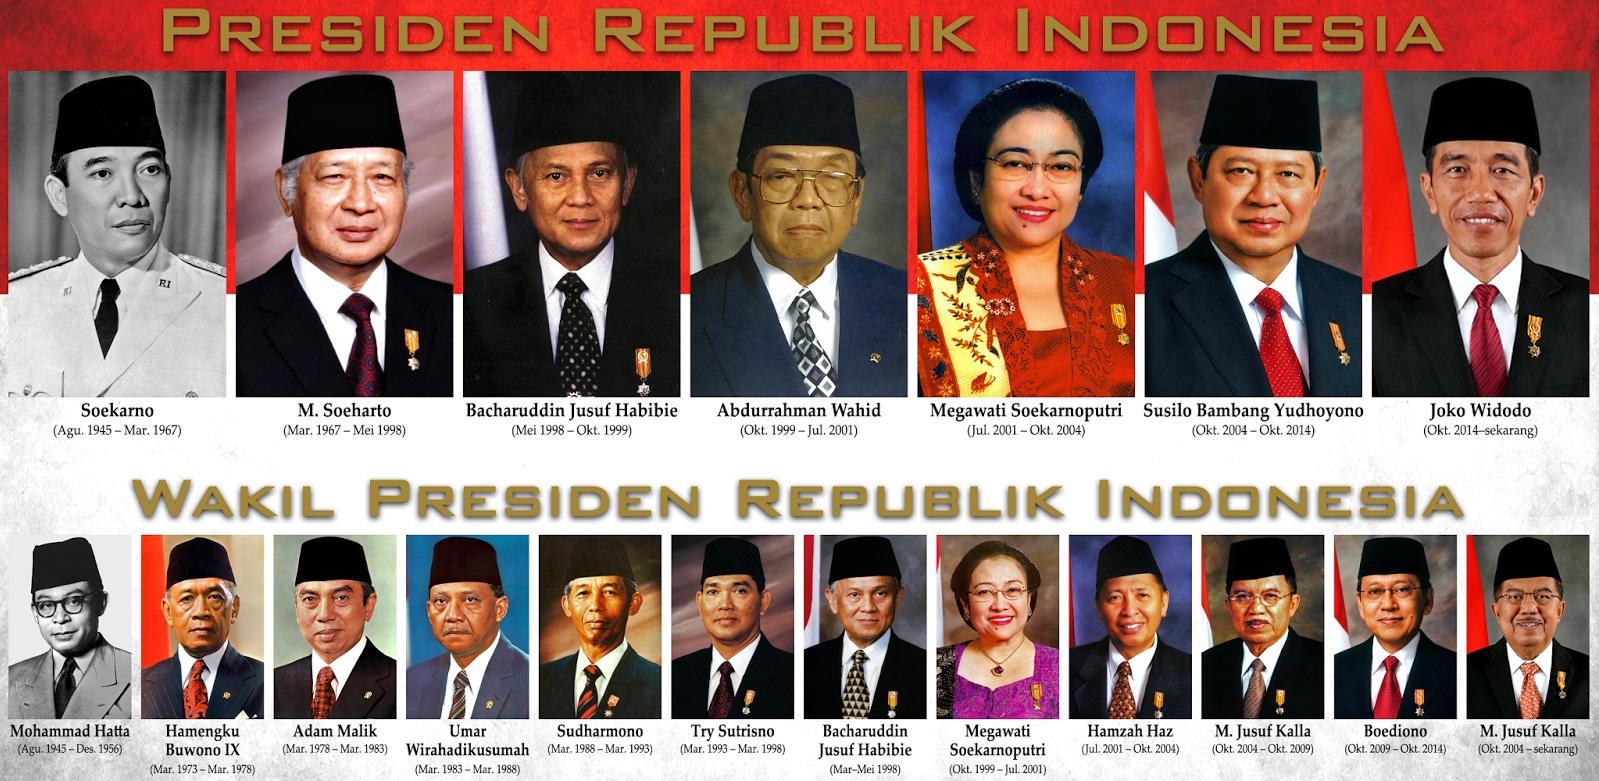 Indonesia kaya merupakan portal informasi budaya indonesia yang didukung oleh djarum apresiasi budaya